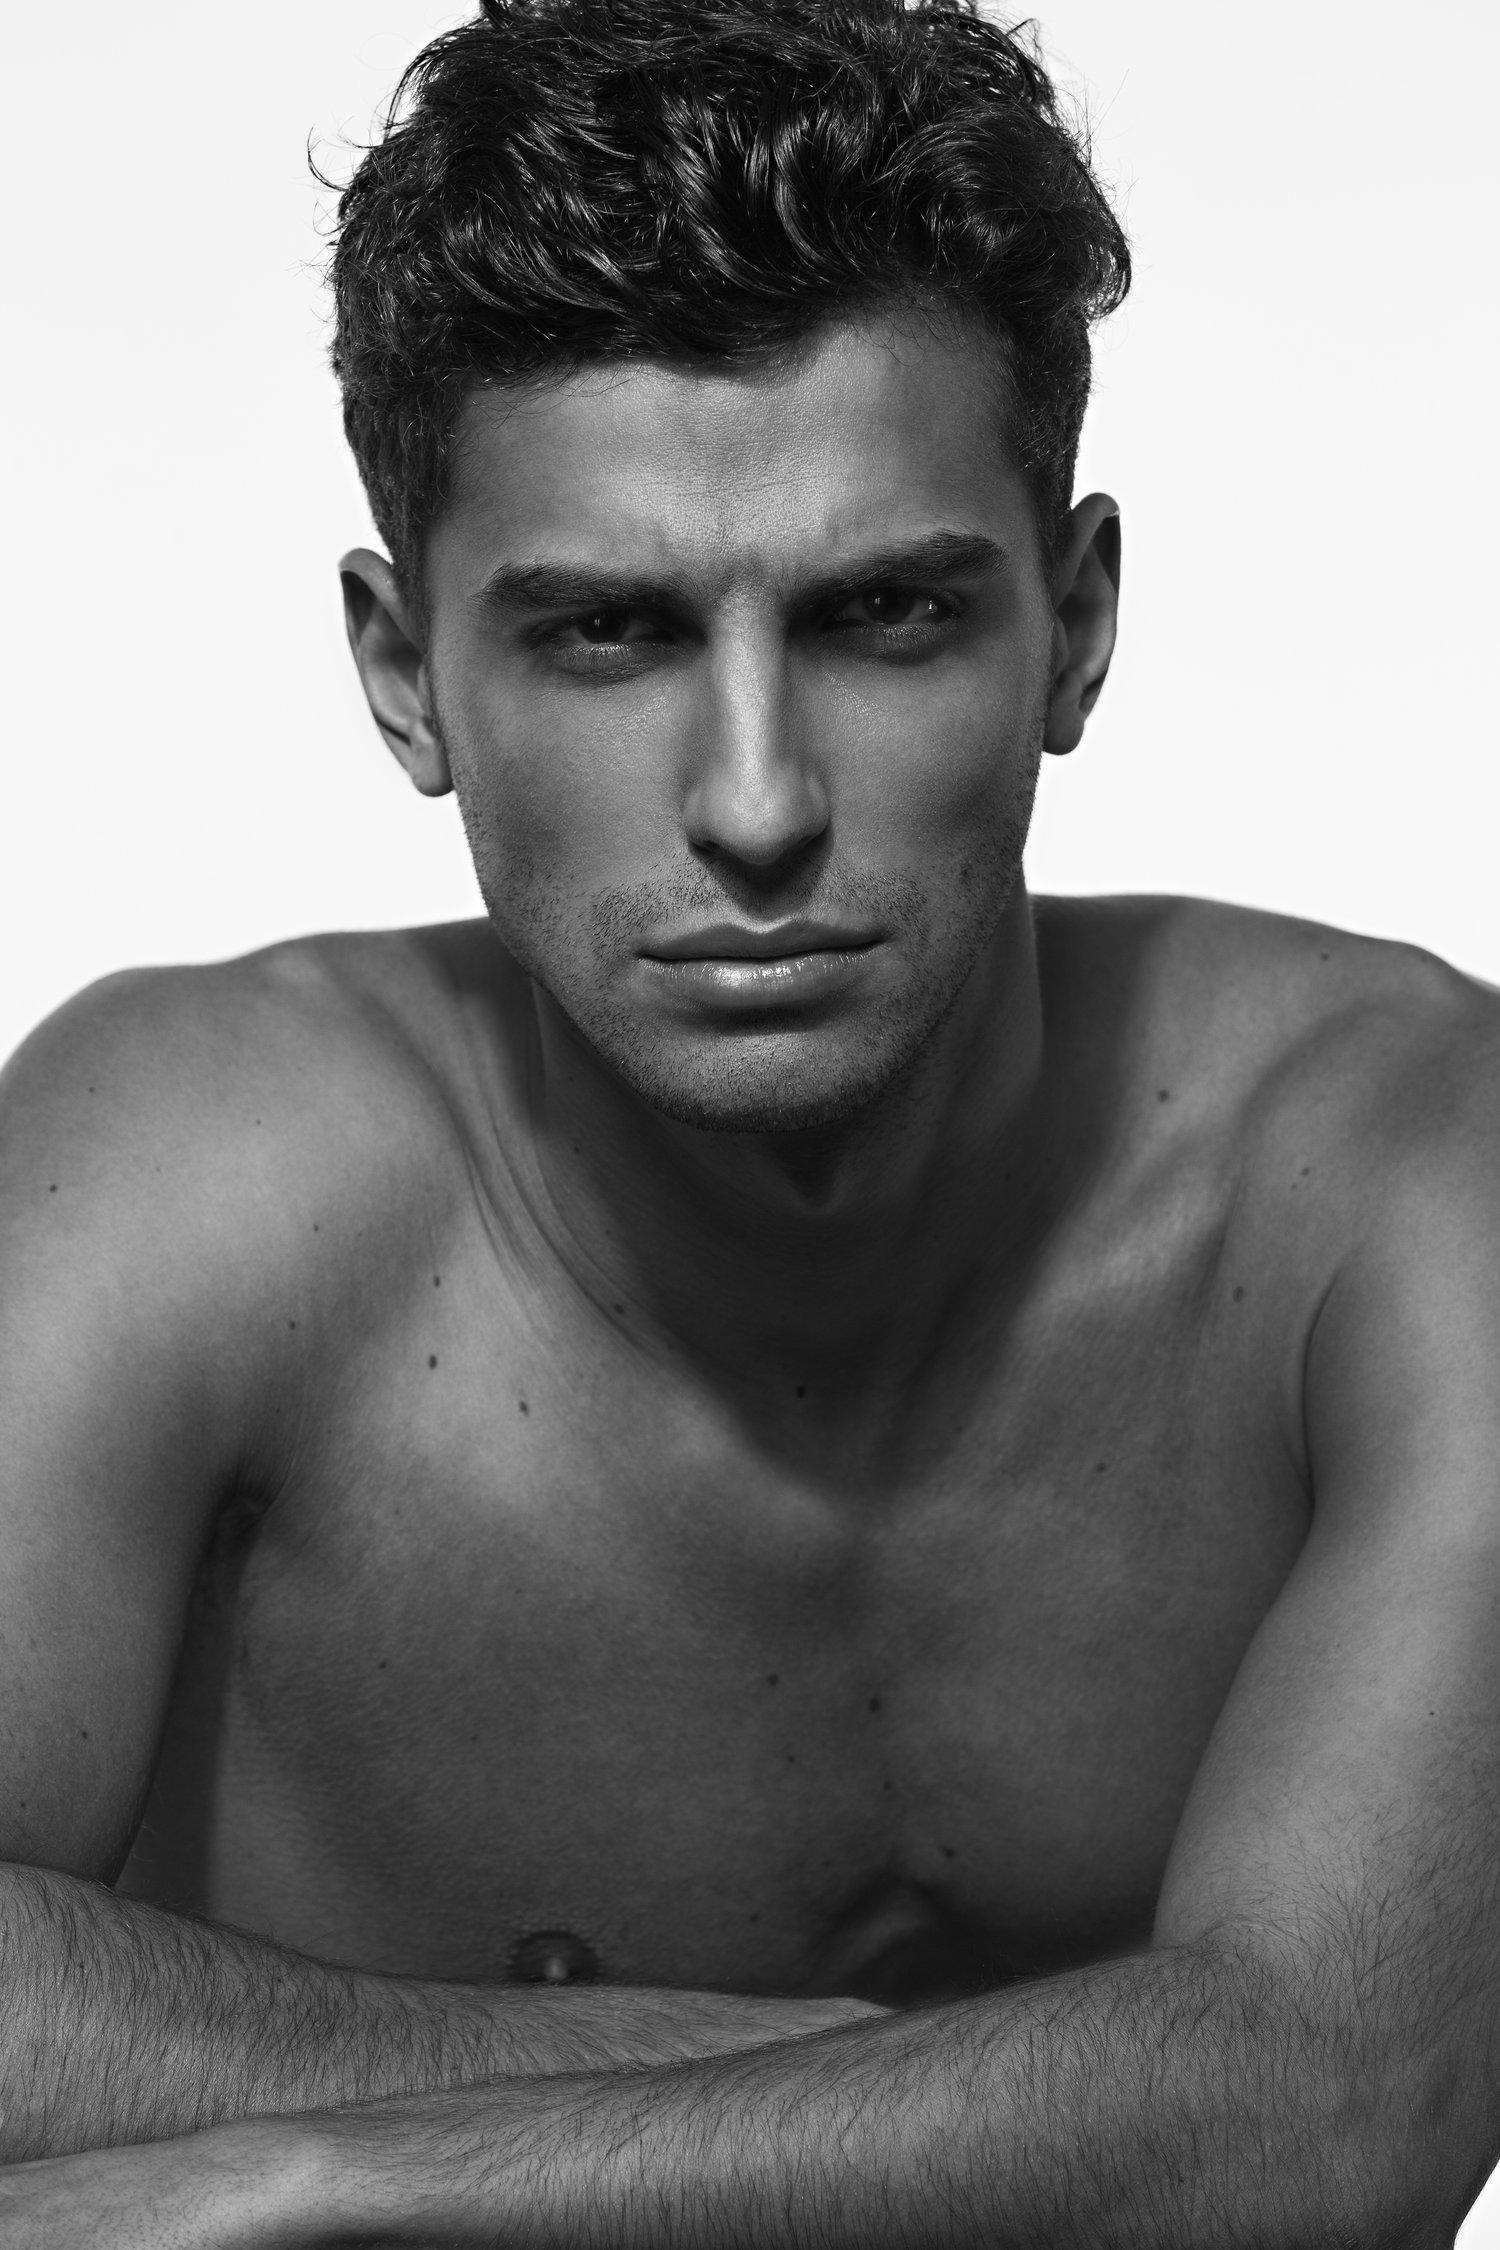 Adon Exclusive: Model Francisco Faria By Alexis Dela Cruz